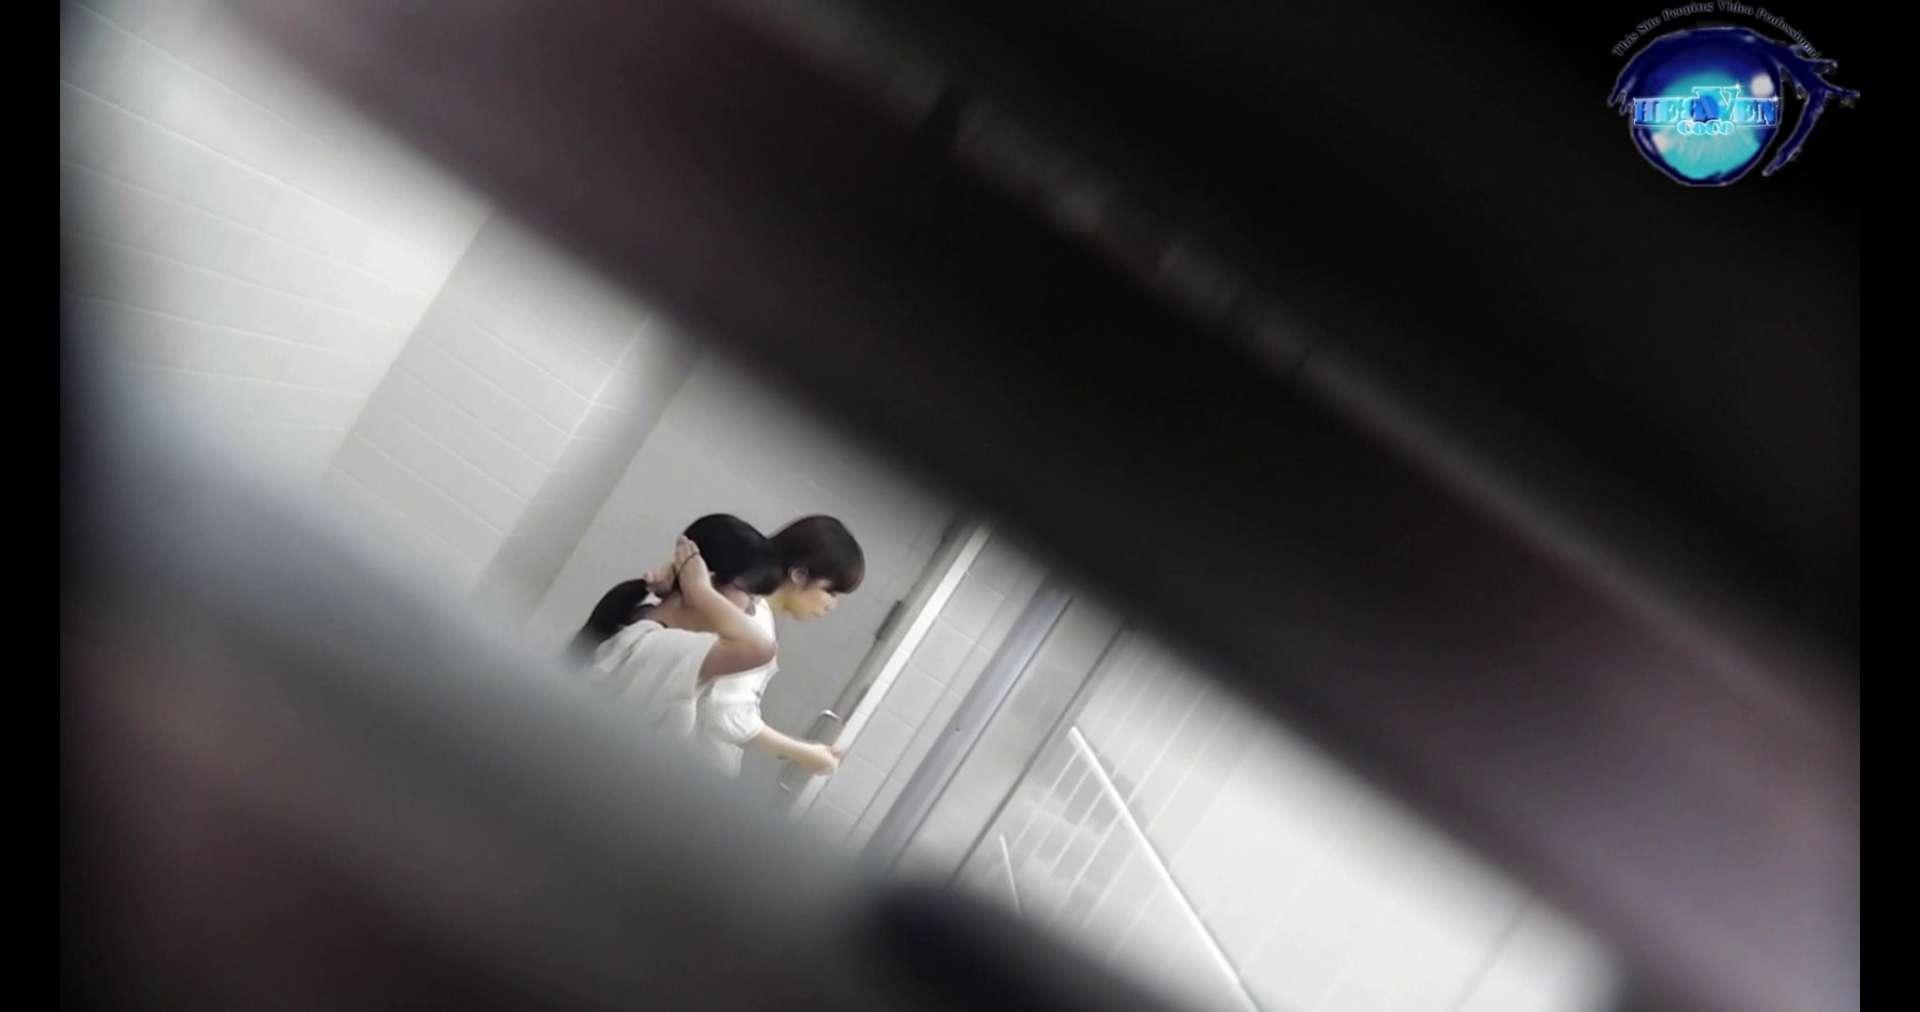 お銀さんの洗面所突入レポート!!vol.72 あのかわいい子がついフロント撮り実演 洗面所編  100PIX 4